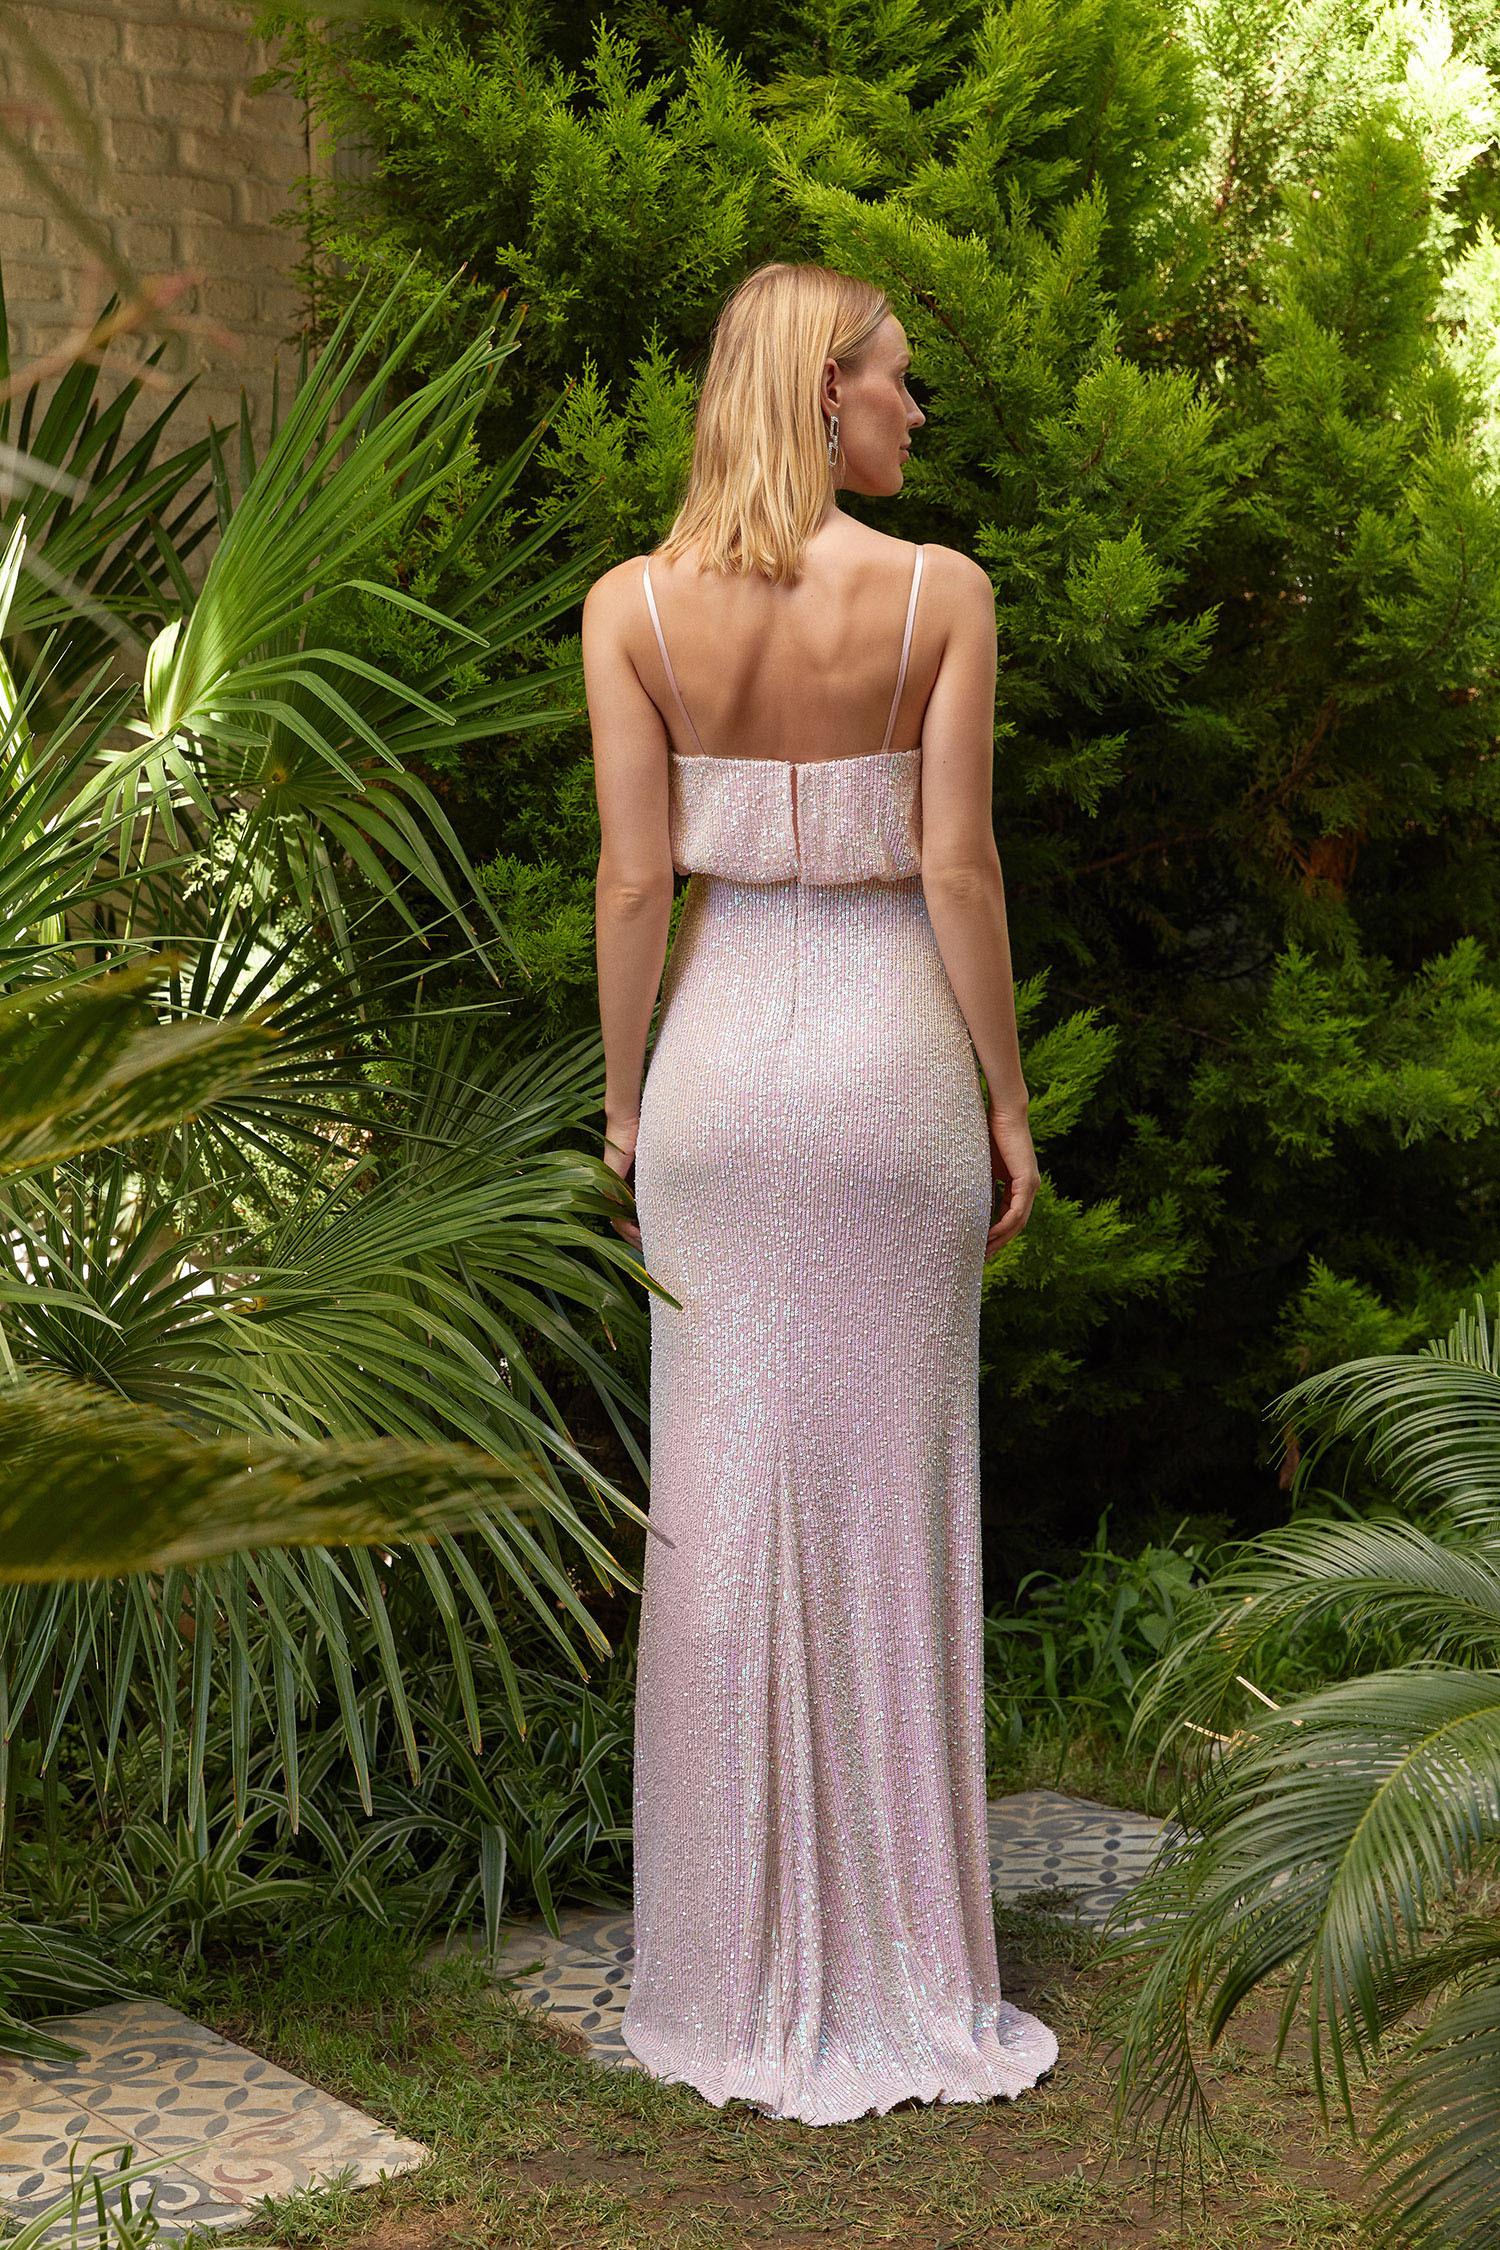 Açık Pudra İnce Askılı Payet İşlemeli Uzun Elbise - Thumbnail